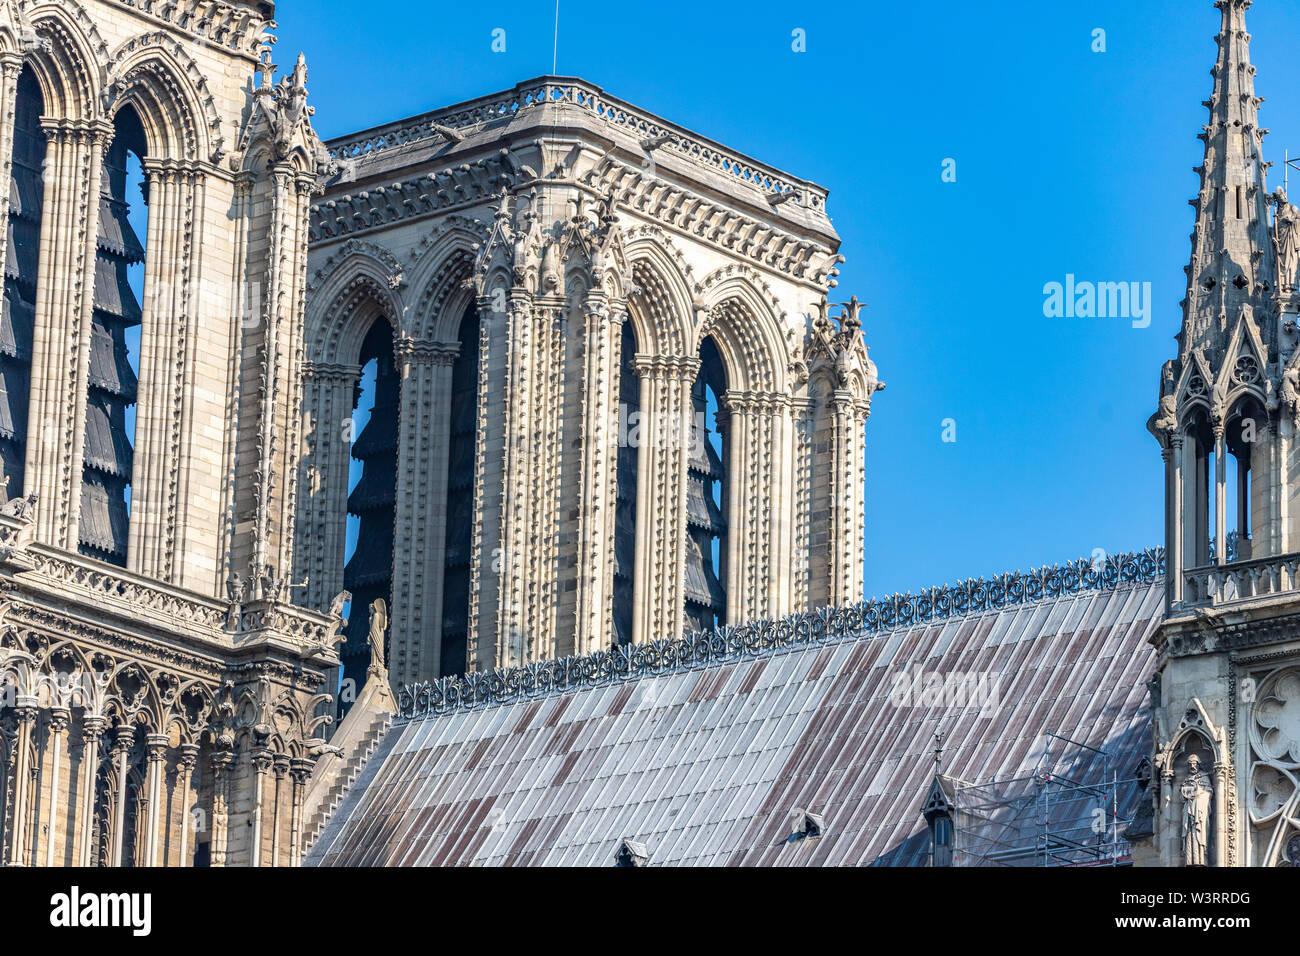 Notre Dame de Paris Cathedral, Towers on west facade, Paris, France Stock Photo